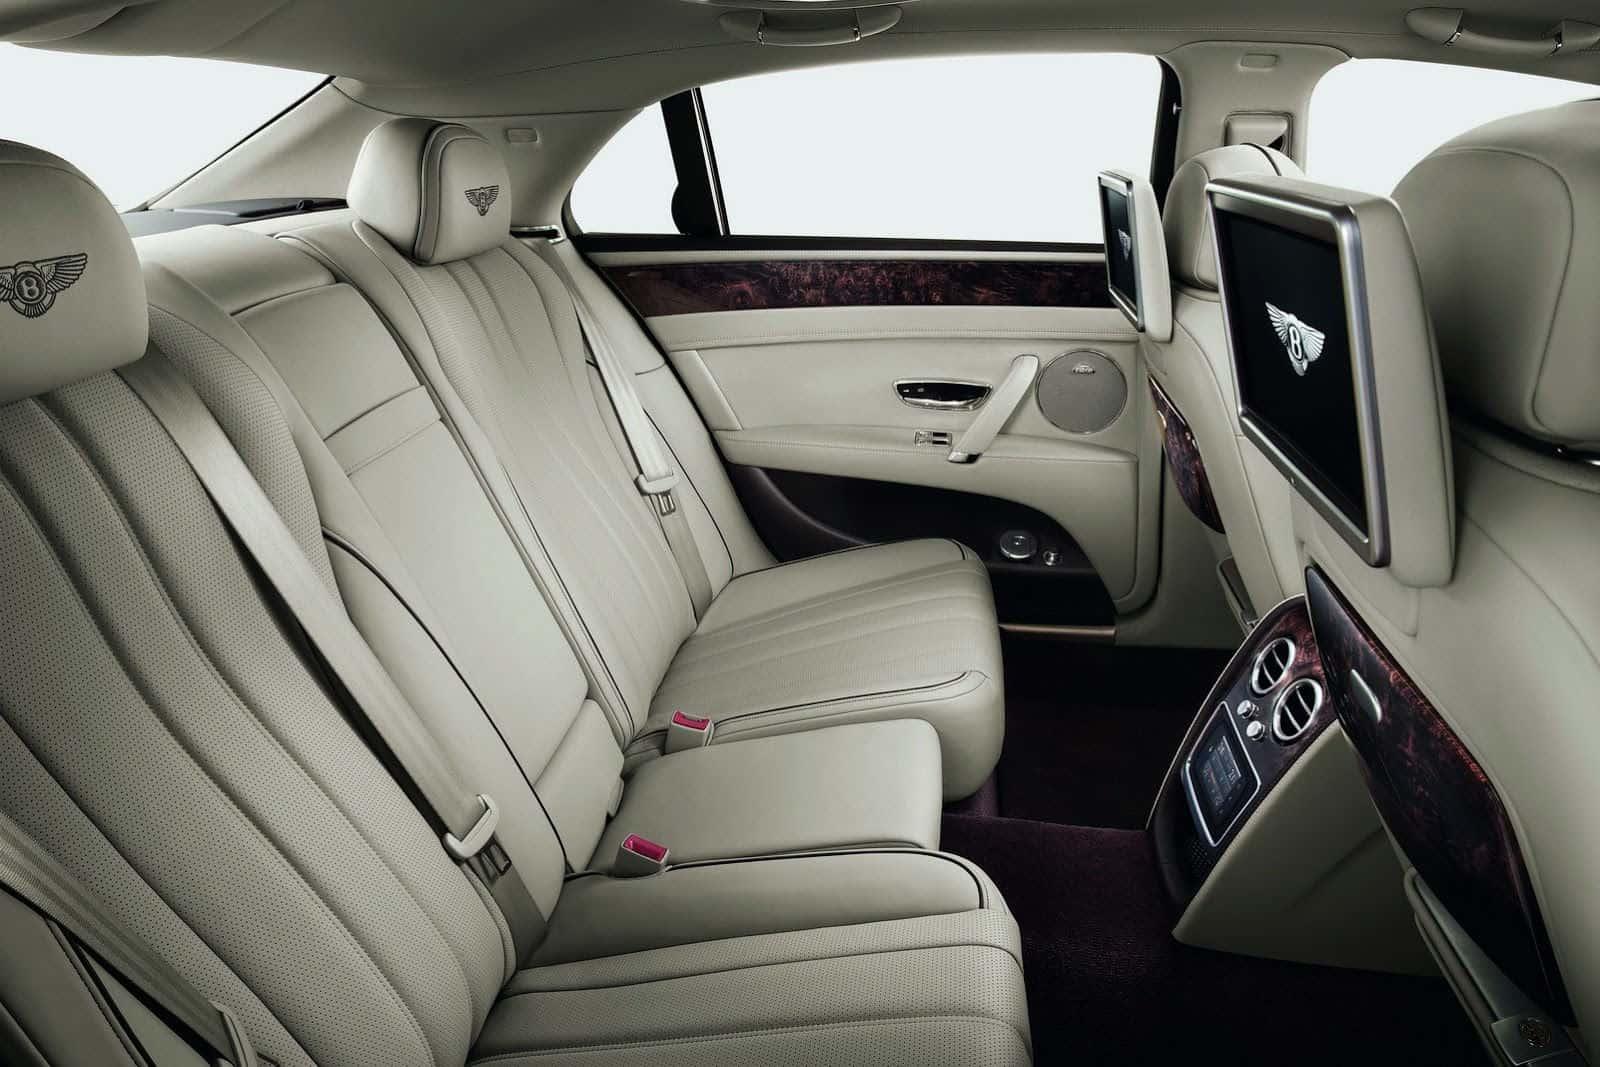 2014 Bentley Flying Spur interior Rear